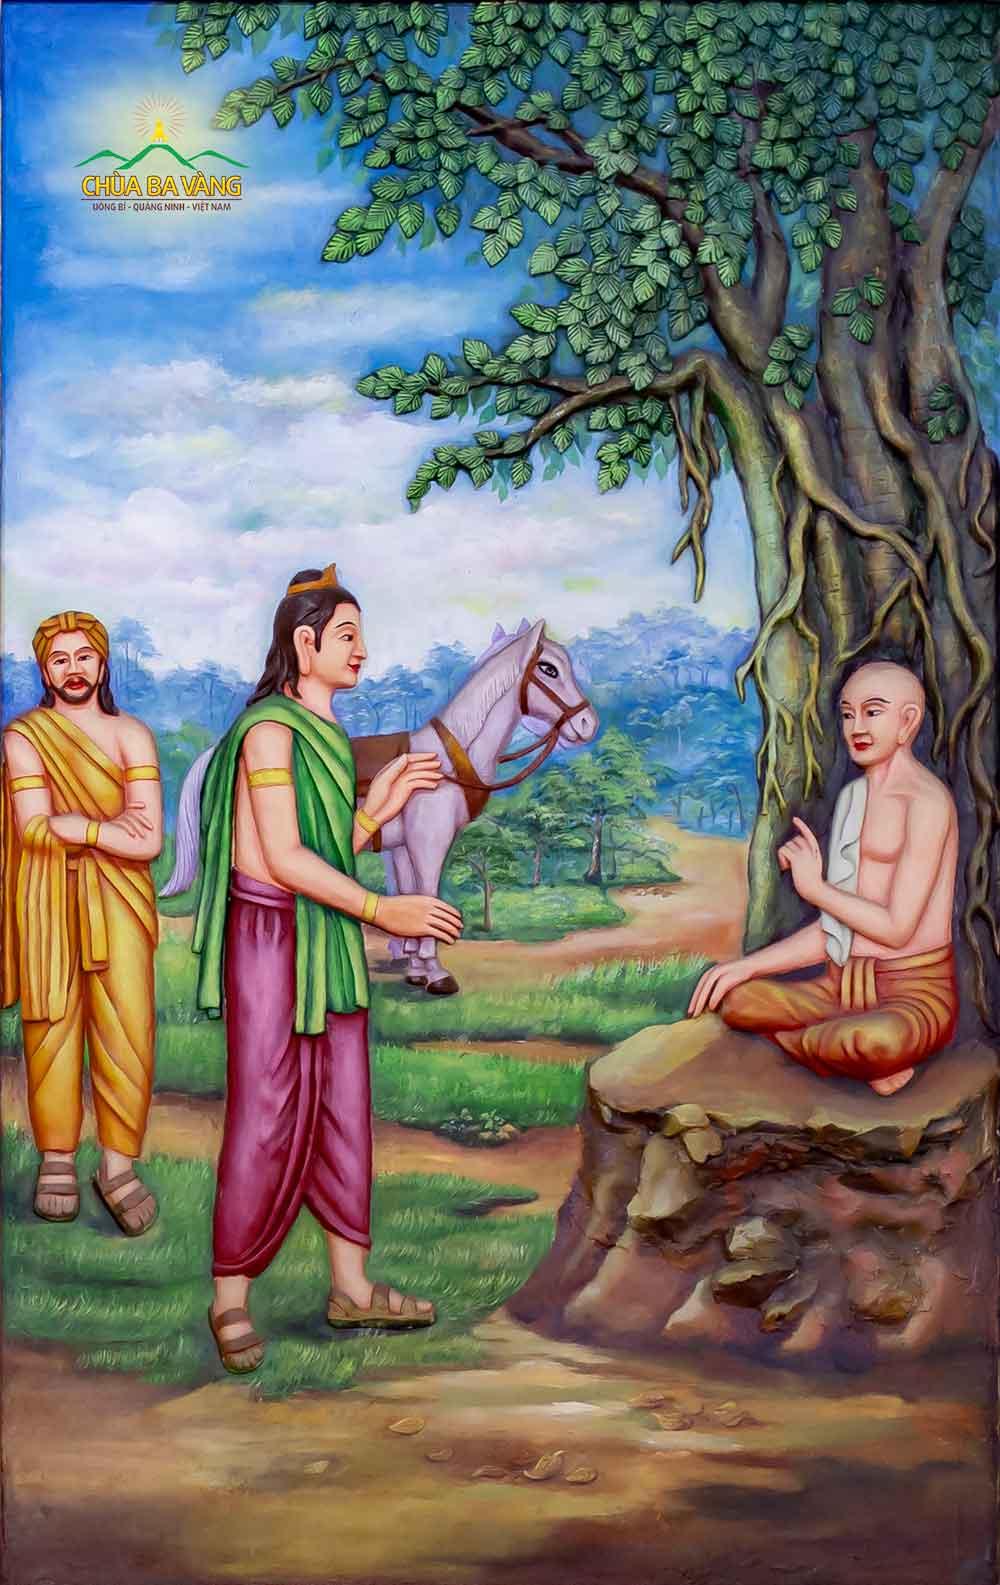 Lần thứ tư, Thái tử gặp một người tu sĩ và ôm ấp nuôi cái mộng sẽ có ngày mình phải xuất gia. Lời tiên tri về cuộc đời Đức Phật (Thái tử) sẽ đi tu đang dần trở thành hiện thực